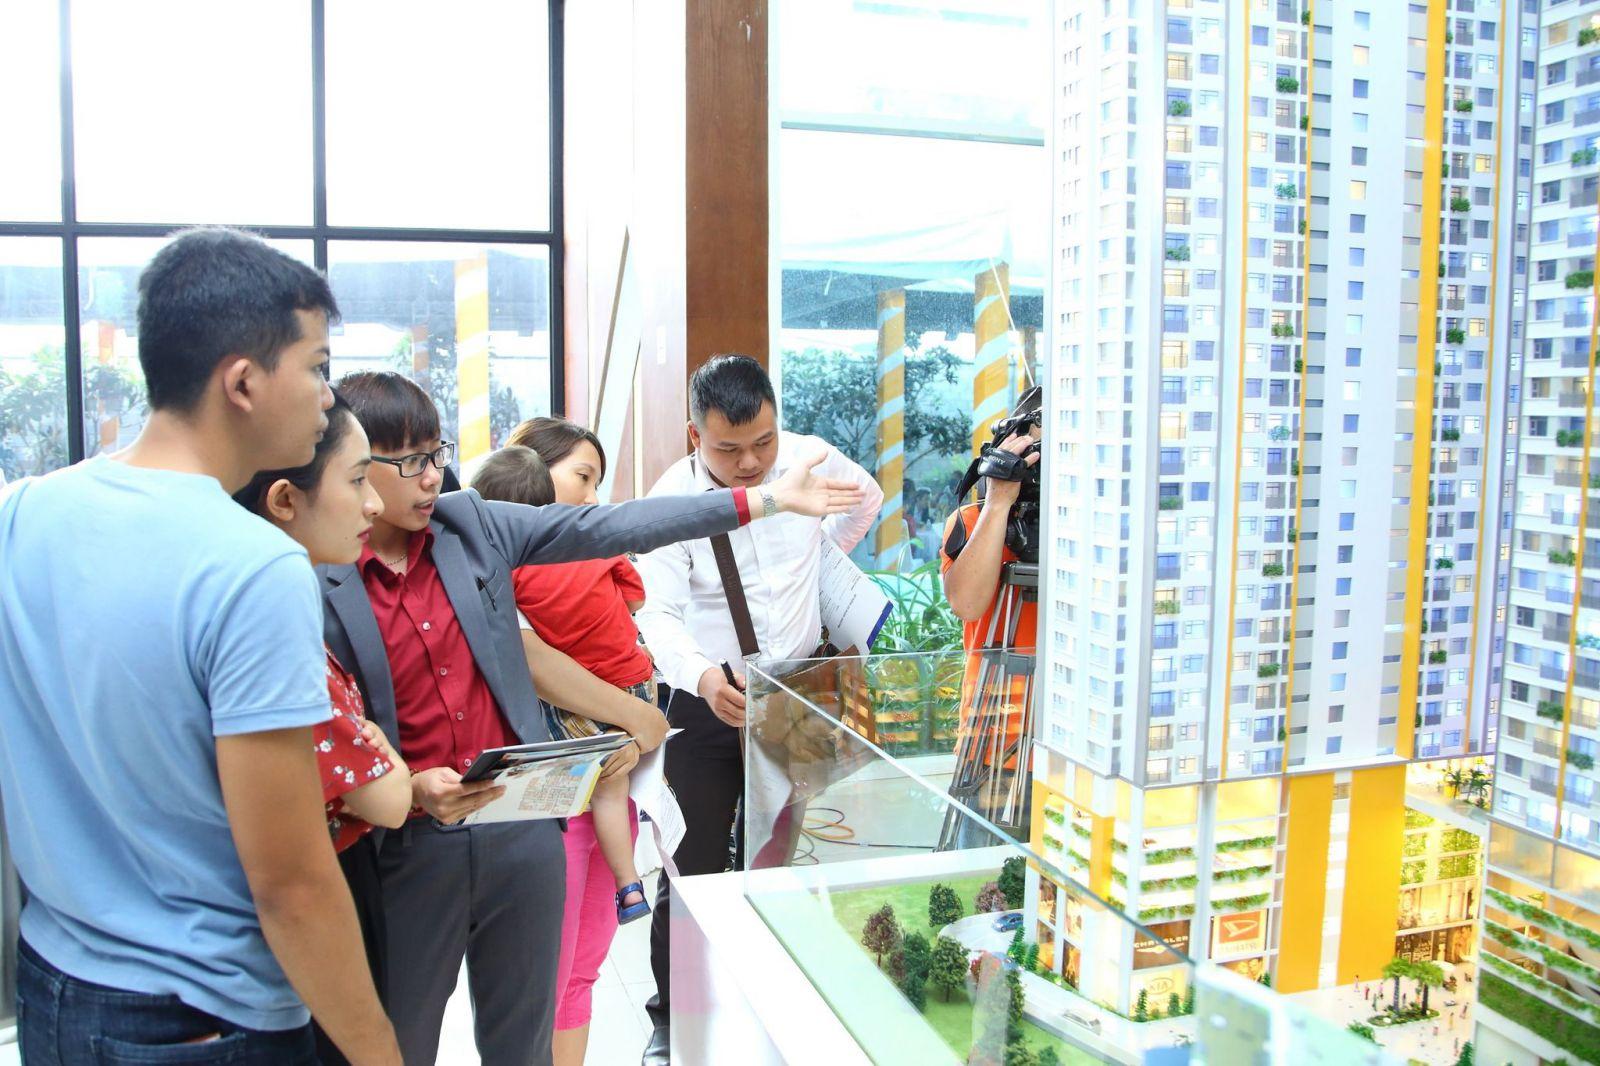 đa số các chung cư mới được đầu tư xây dựng là thuộc phân khúc trung cấp với giá bán dao động từ 30 đến trên 40 triệu đồng một m2.